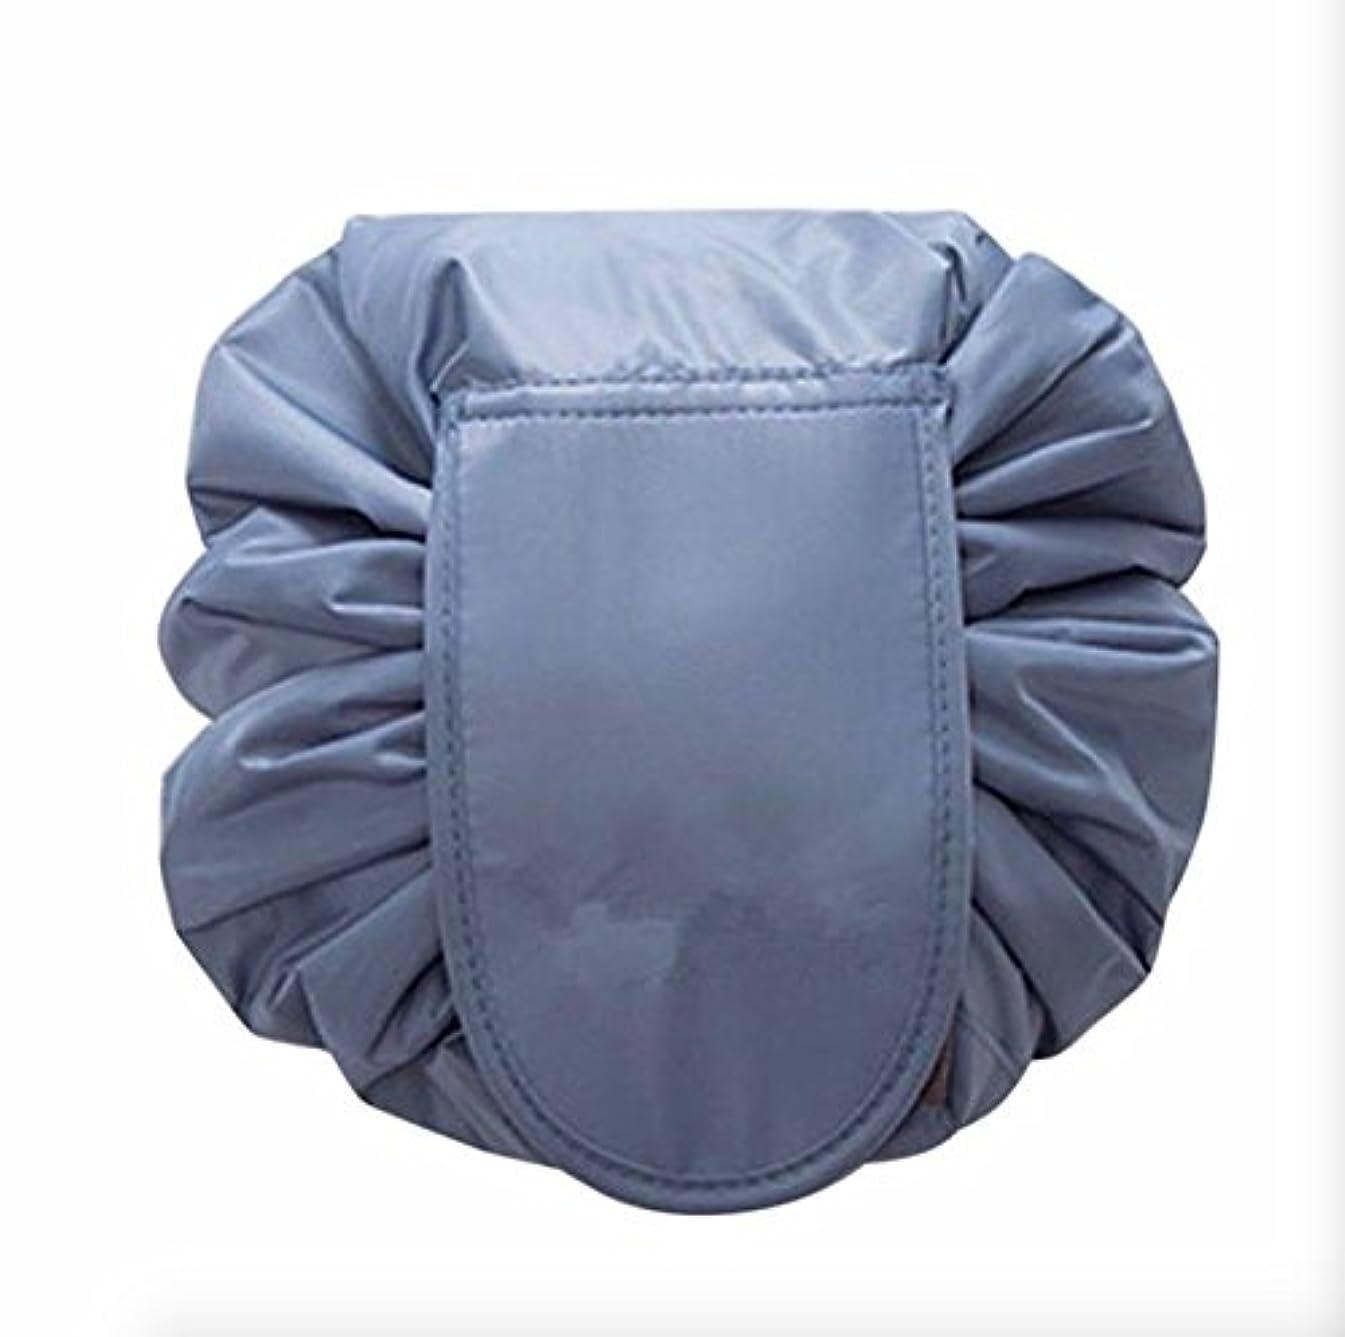 尋ねる伝統的データベース大容量 防水化粧品収納バッグ 折り畳み 外泊 出張 持ち運び旅行収納 (ブルー)